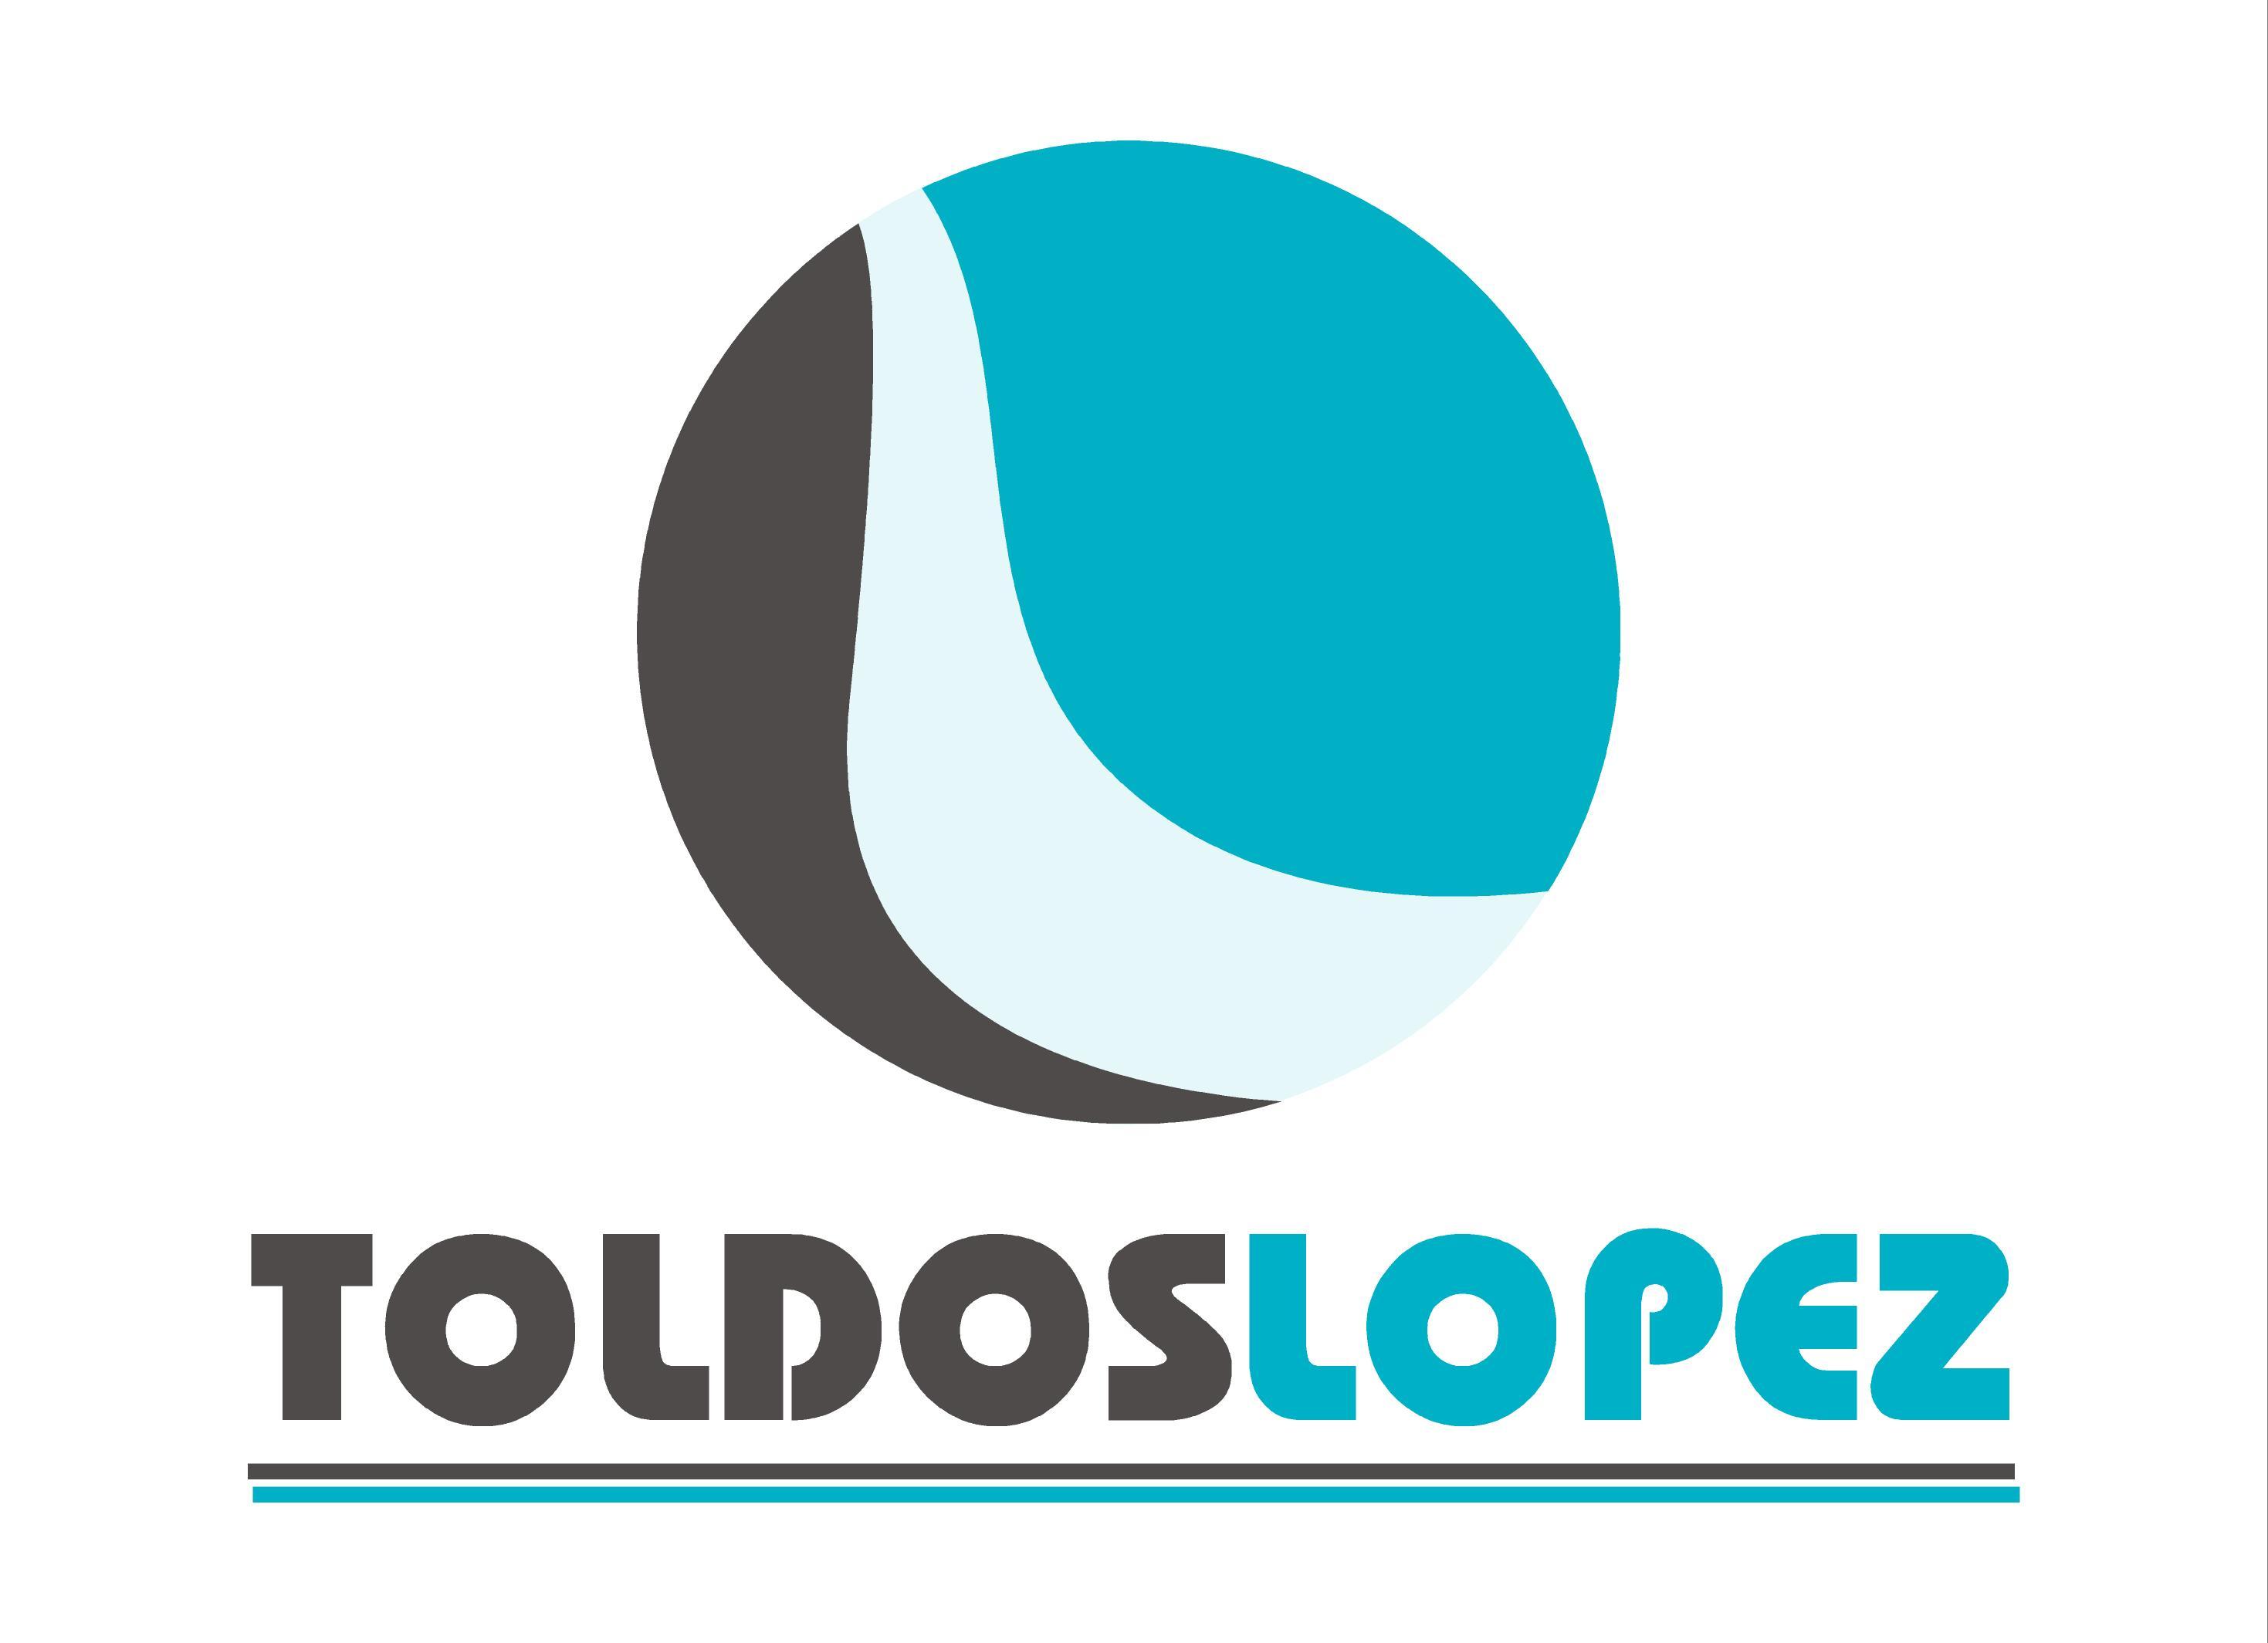 Toldos Lopez